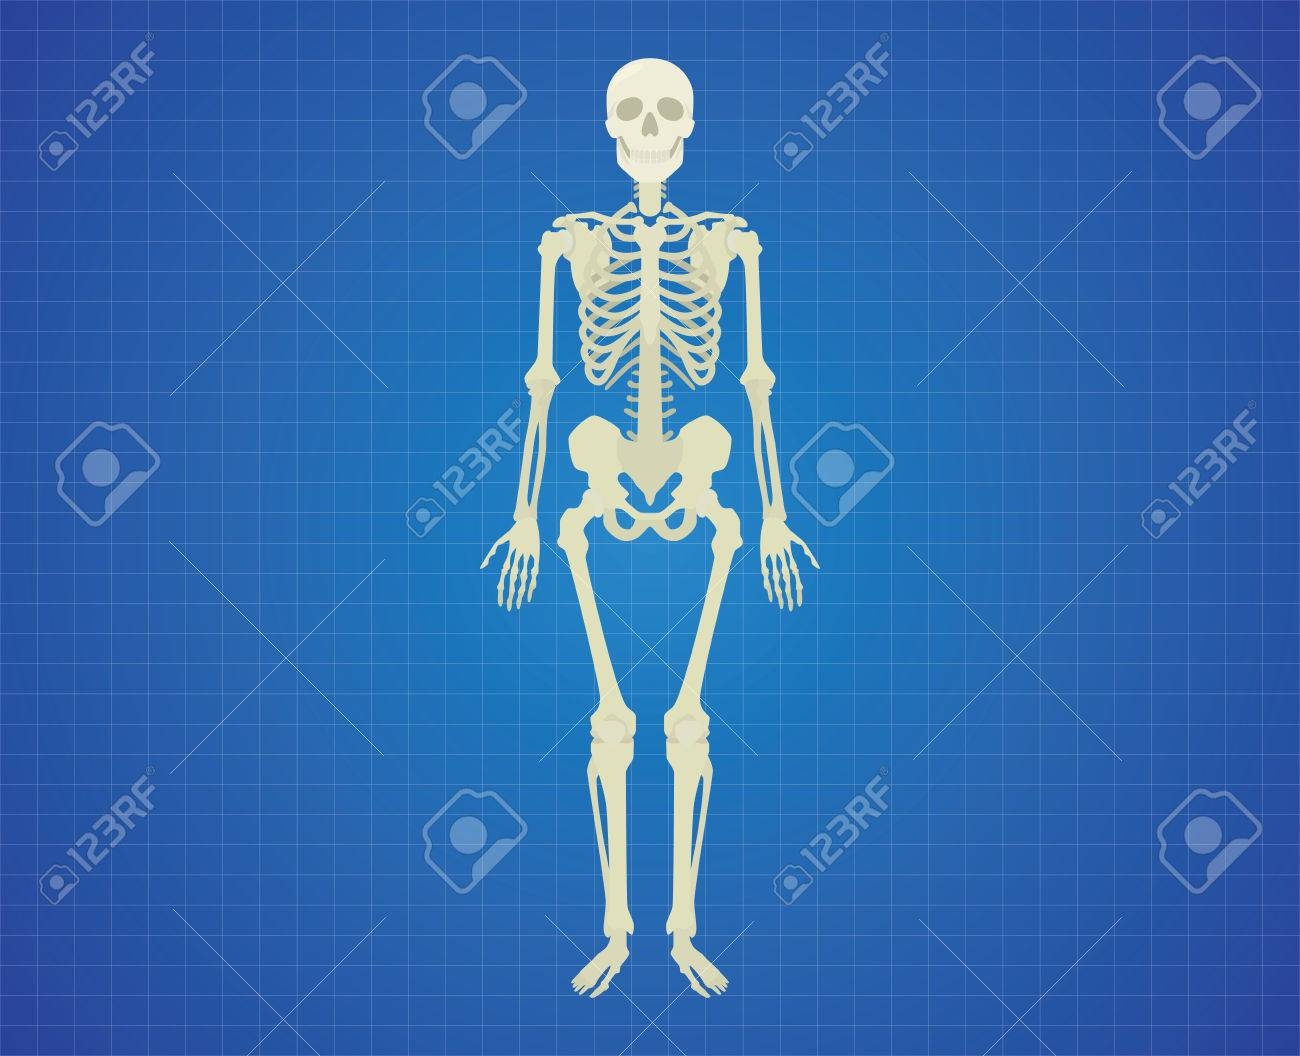 Esqueleto Humano Con El Color Blanco Solo Vector Aislado Ilustración ...